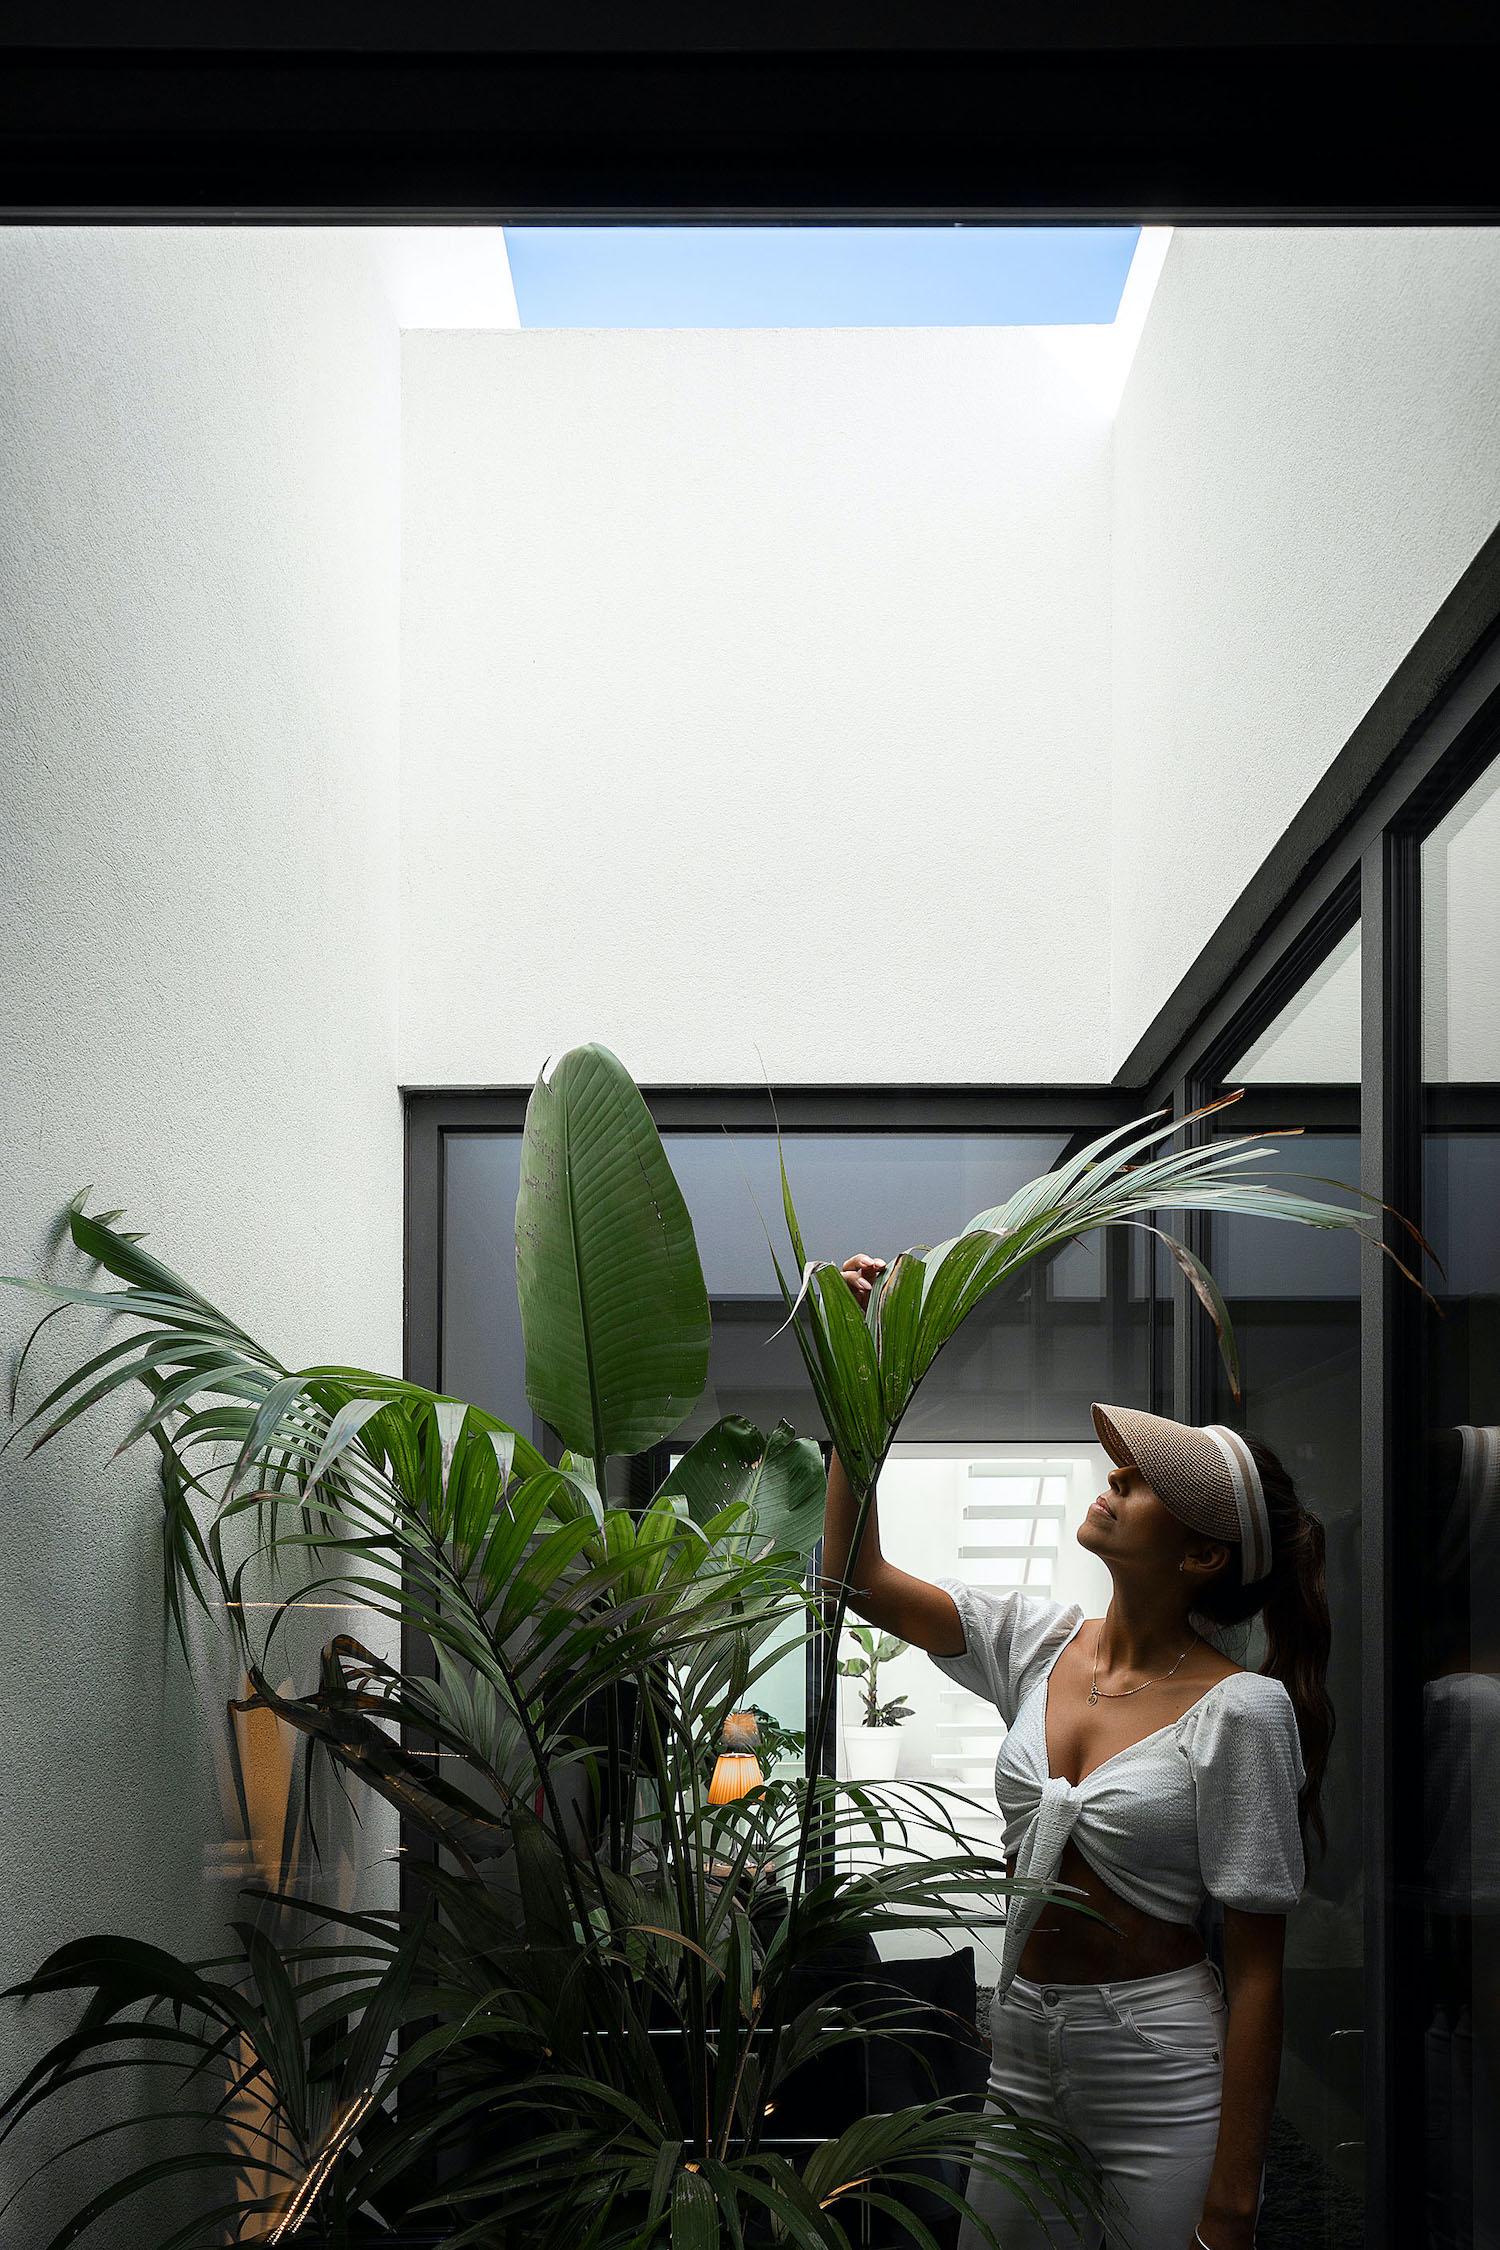 girl taking care of indoor garden plants